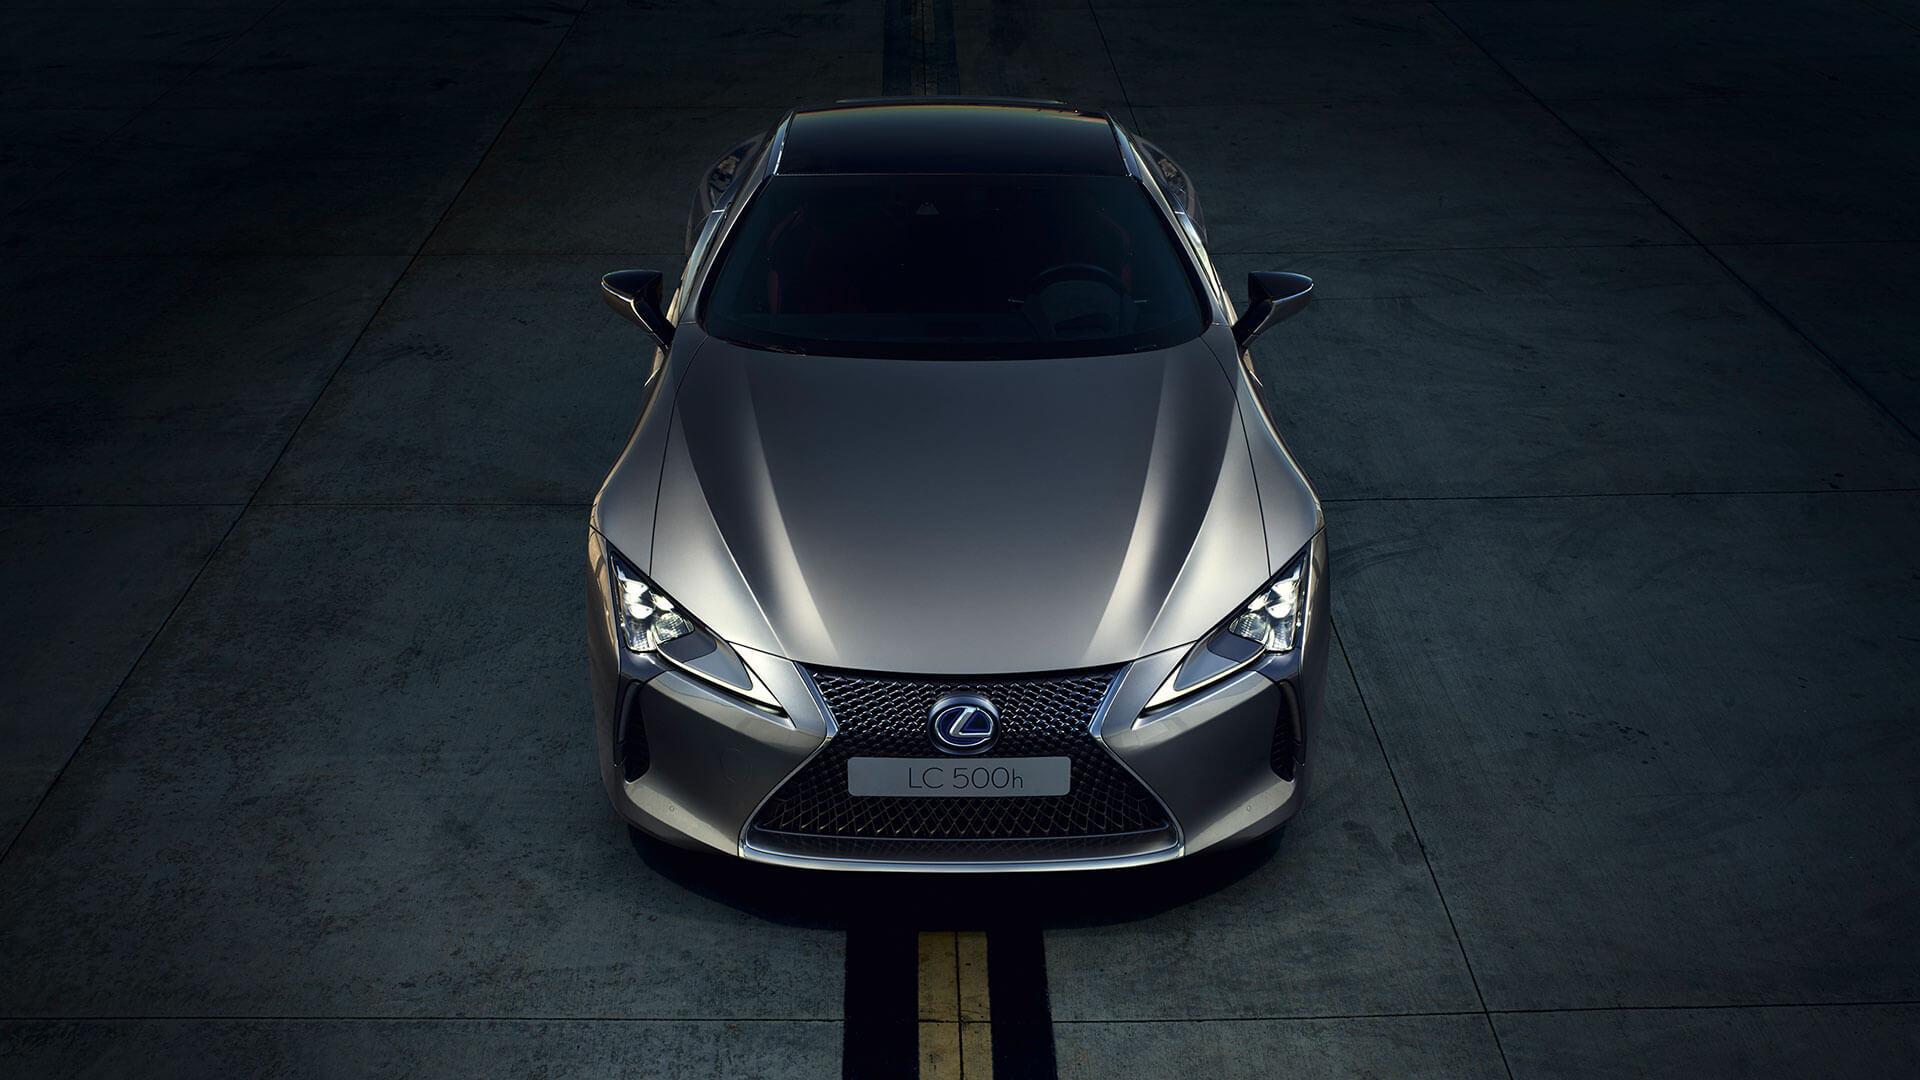 Lexus LC von Vorne